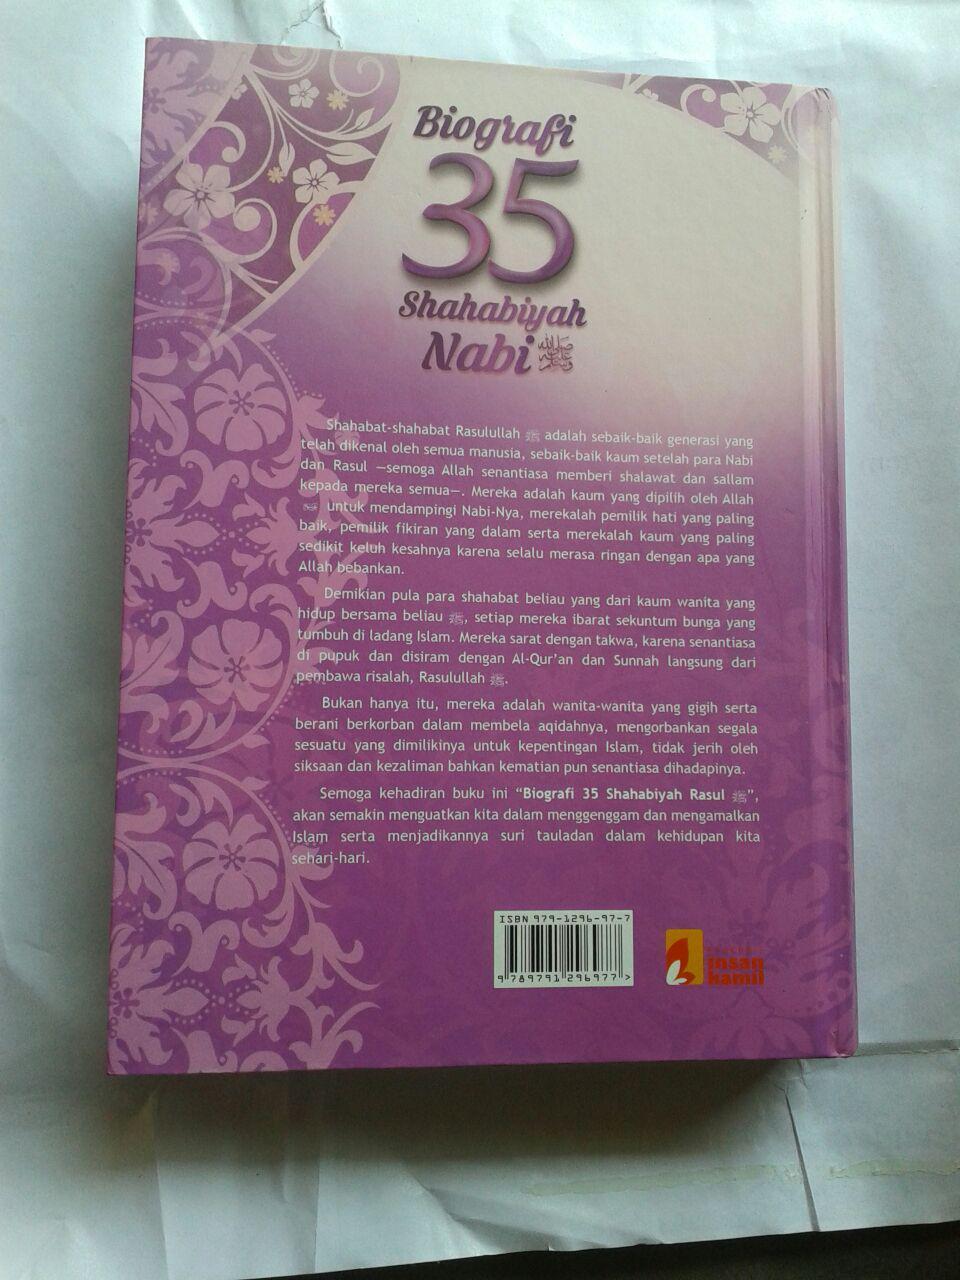 Buku Biografi 35 Shahabiyah Nabi Shallallahu Alaihi wa Sallam cover 2